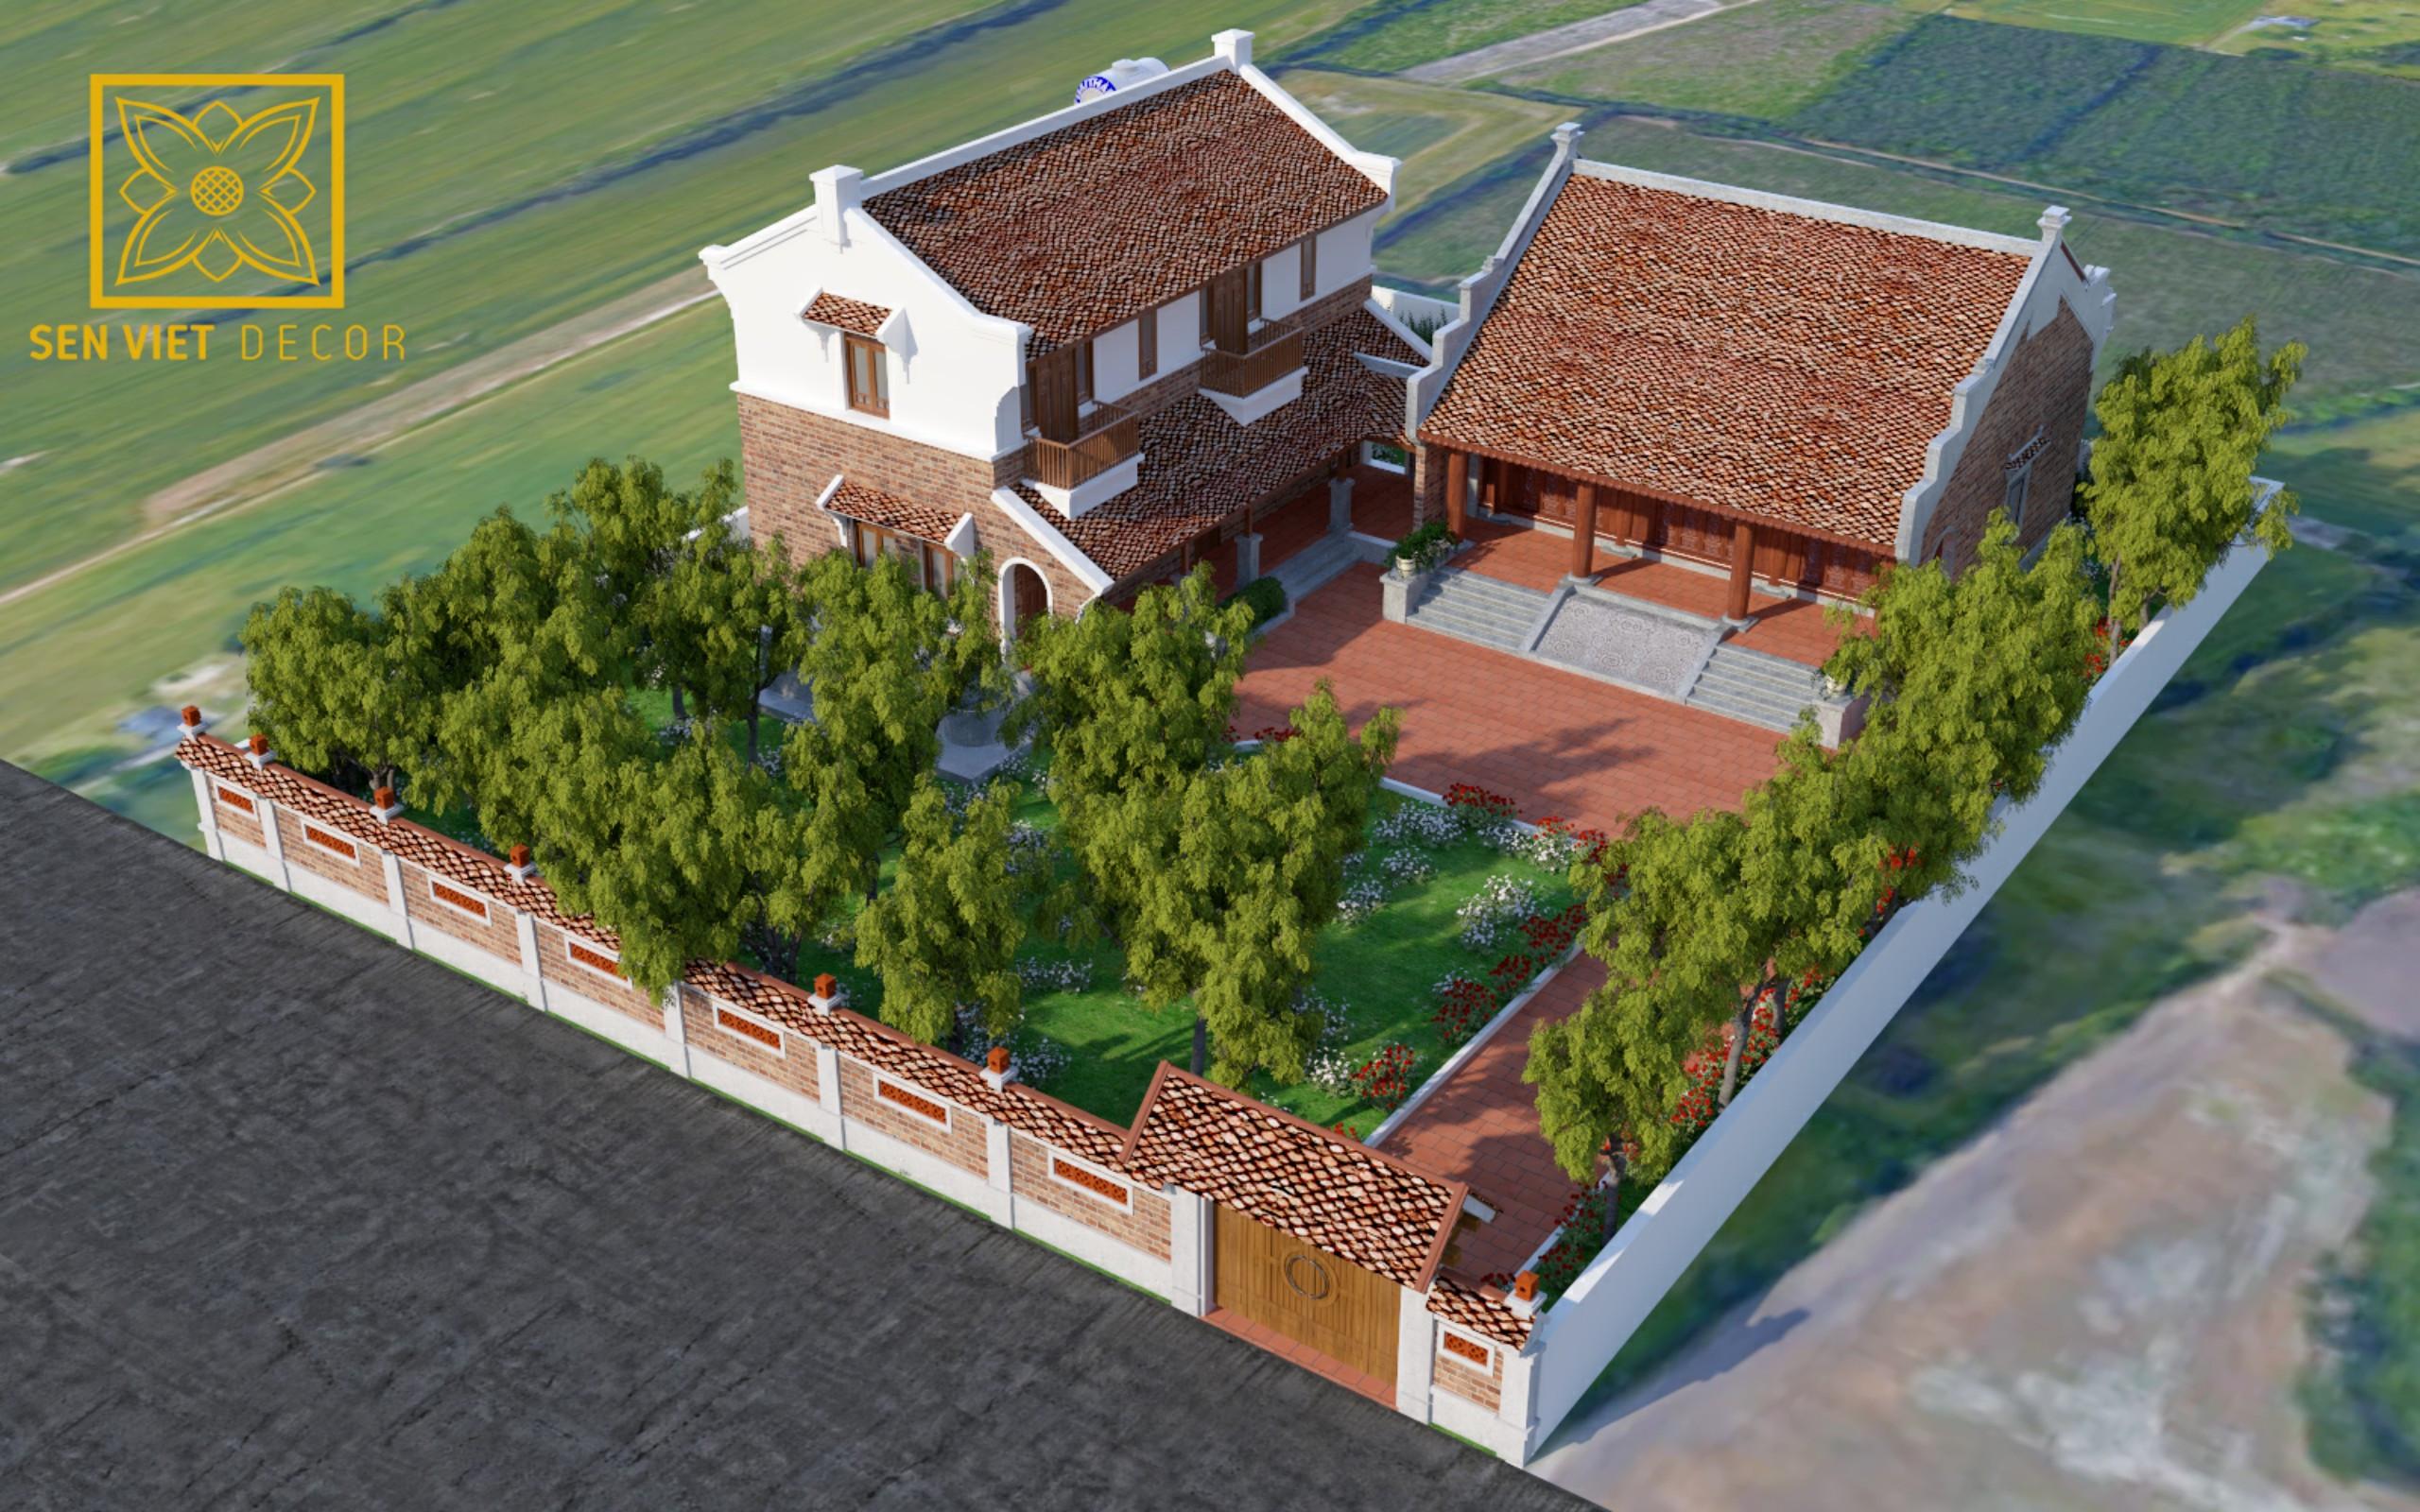 Thiết kế nhà gỗ, nhà thờ họ uy tín chuyên nghiệp